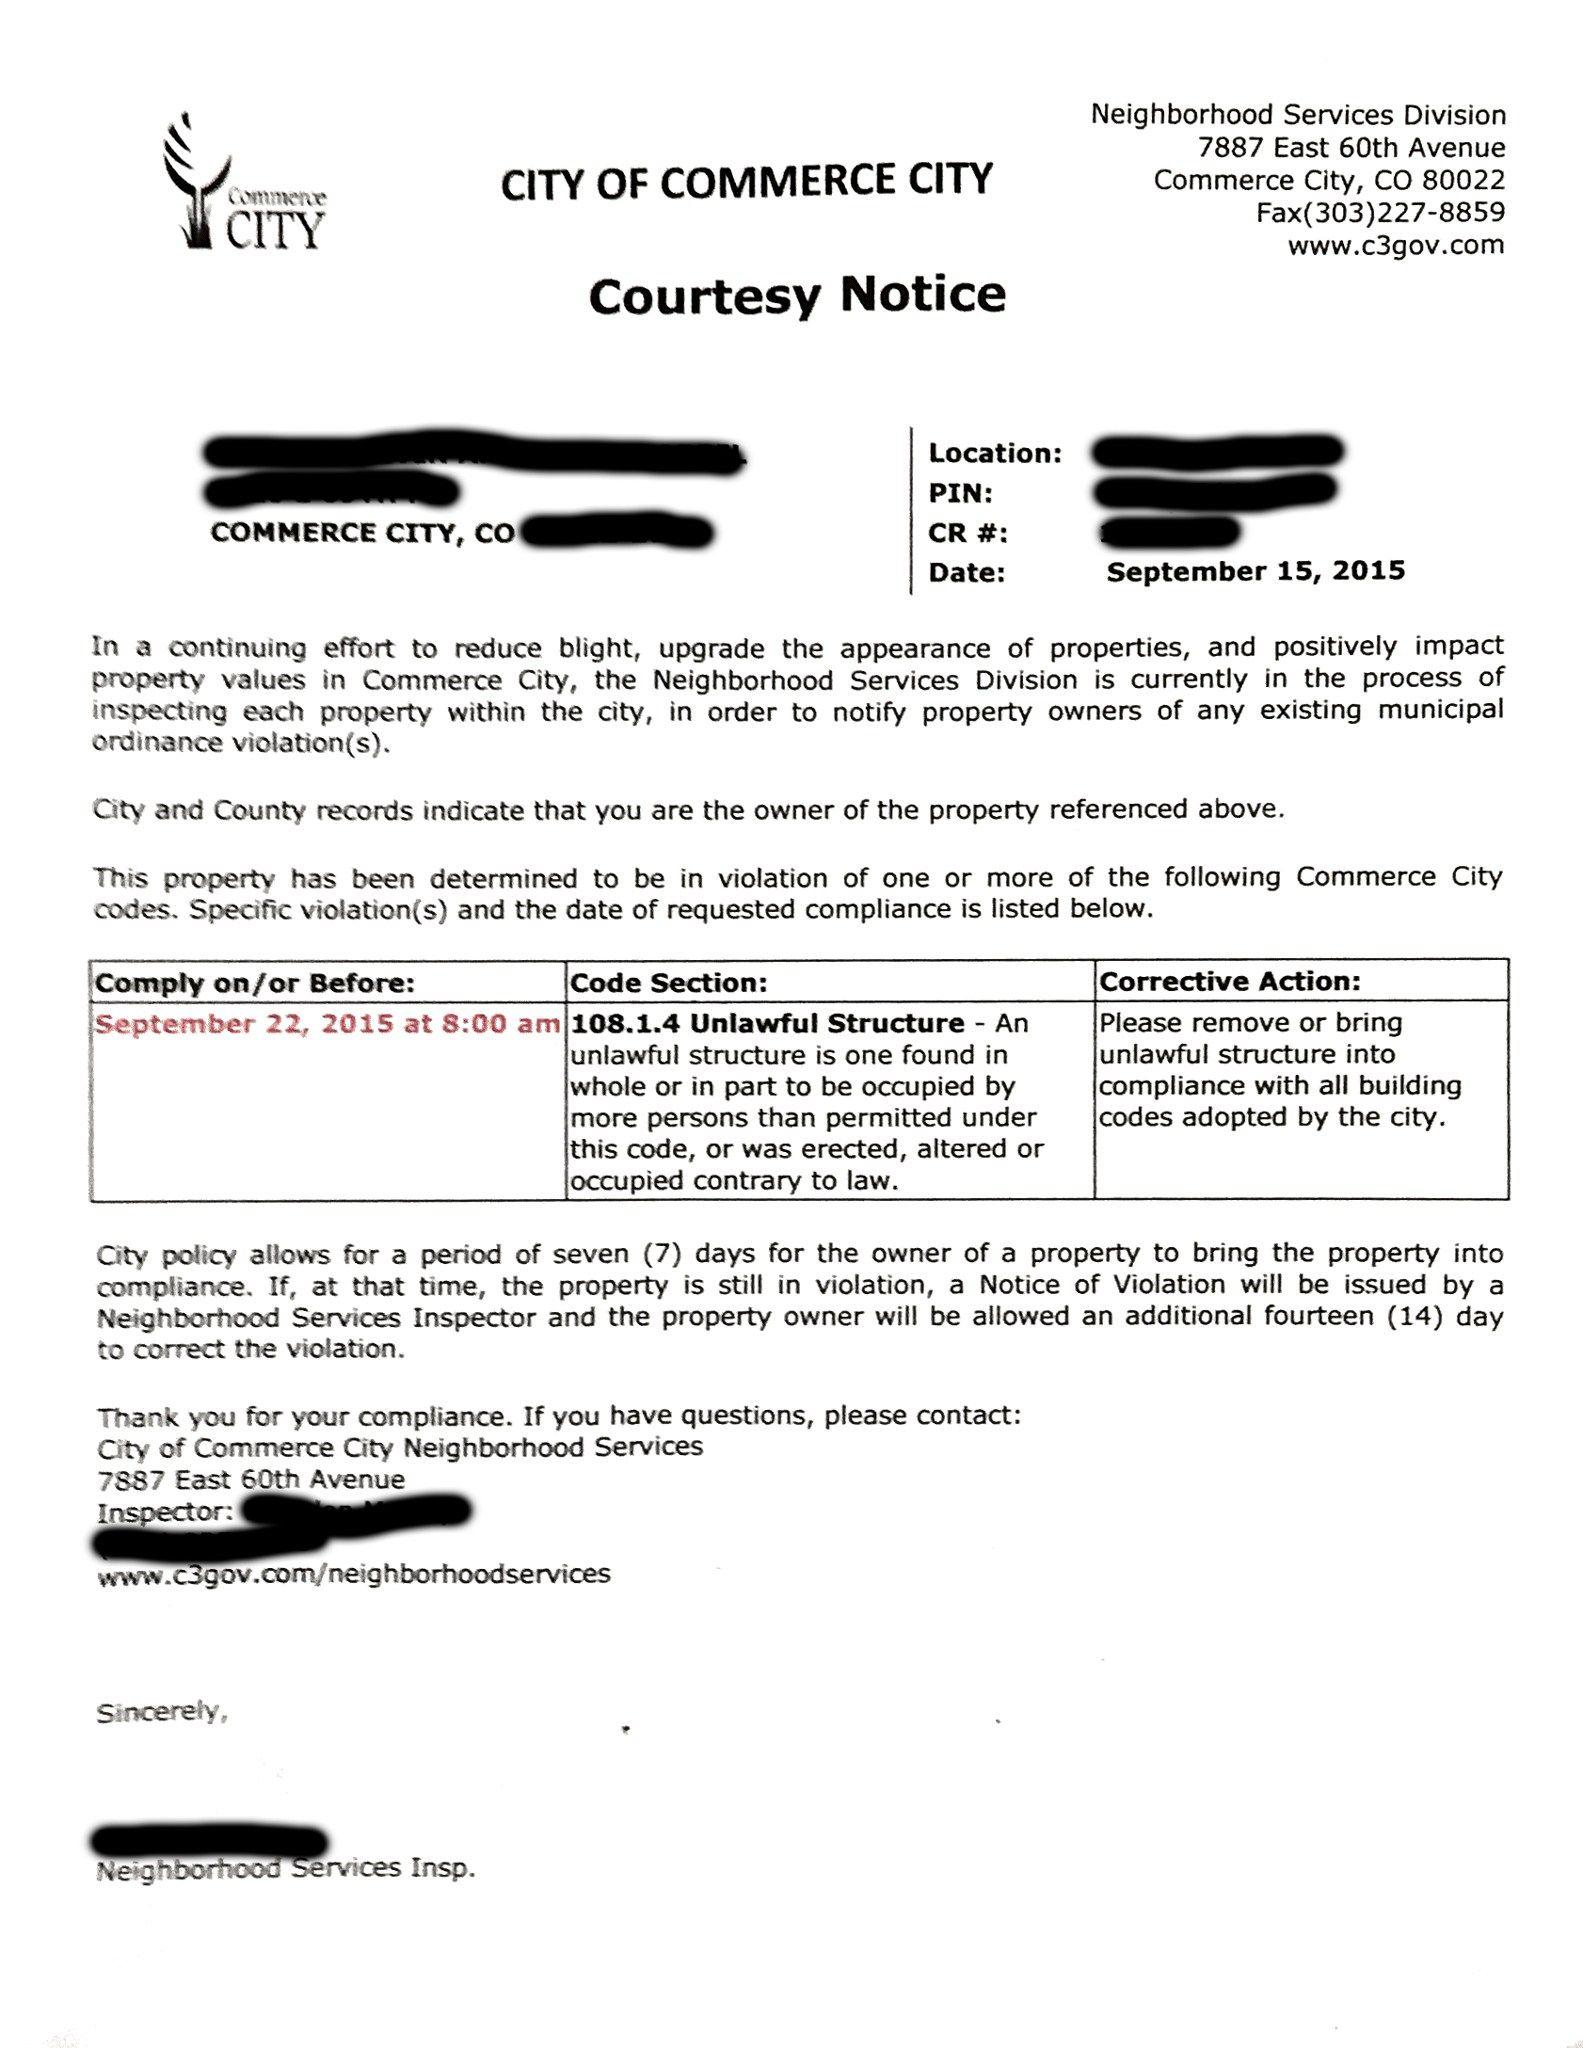 Commerce City Zoning Courtesy Notice  0001